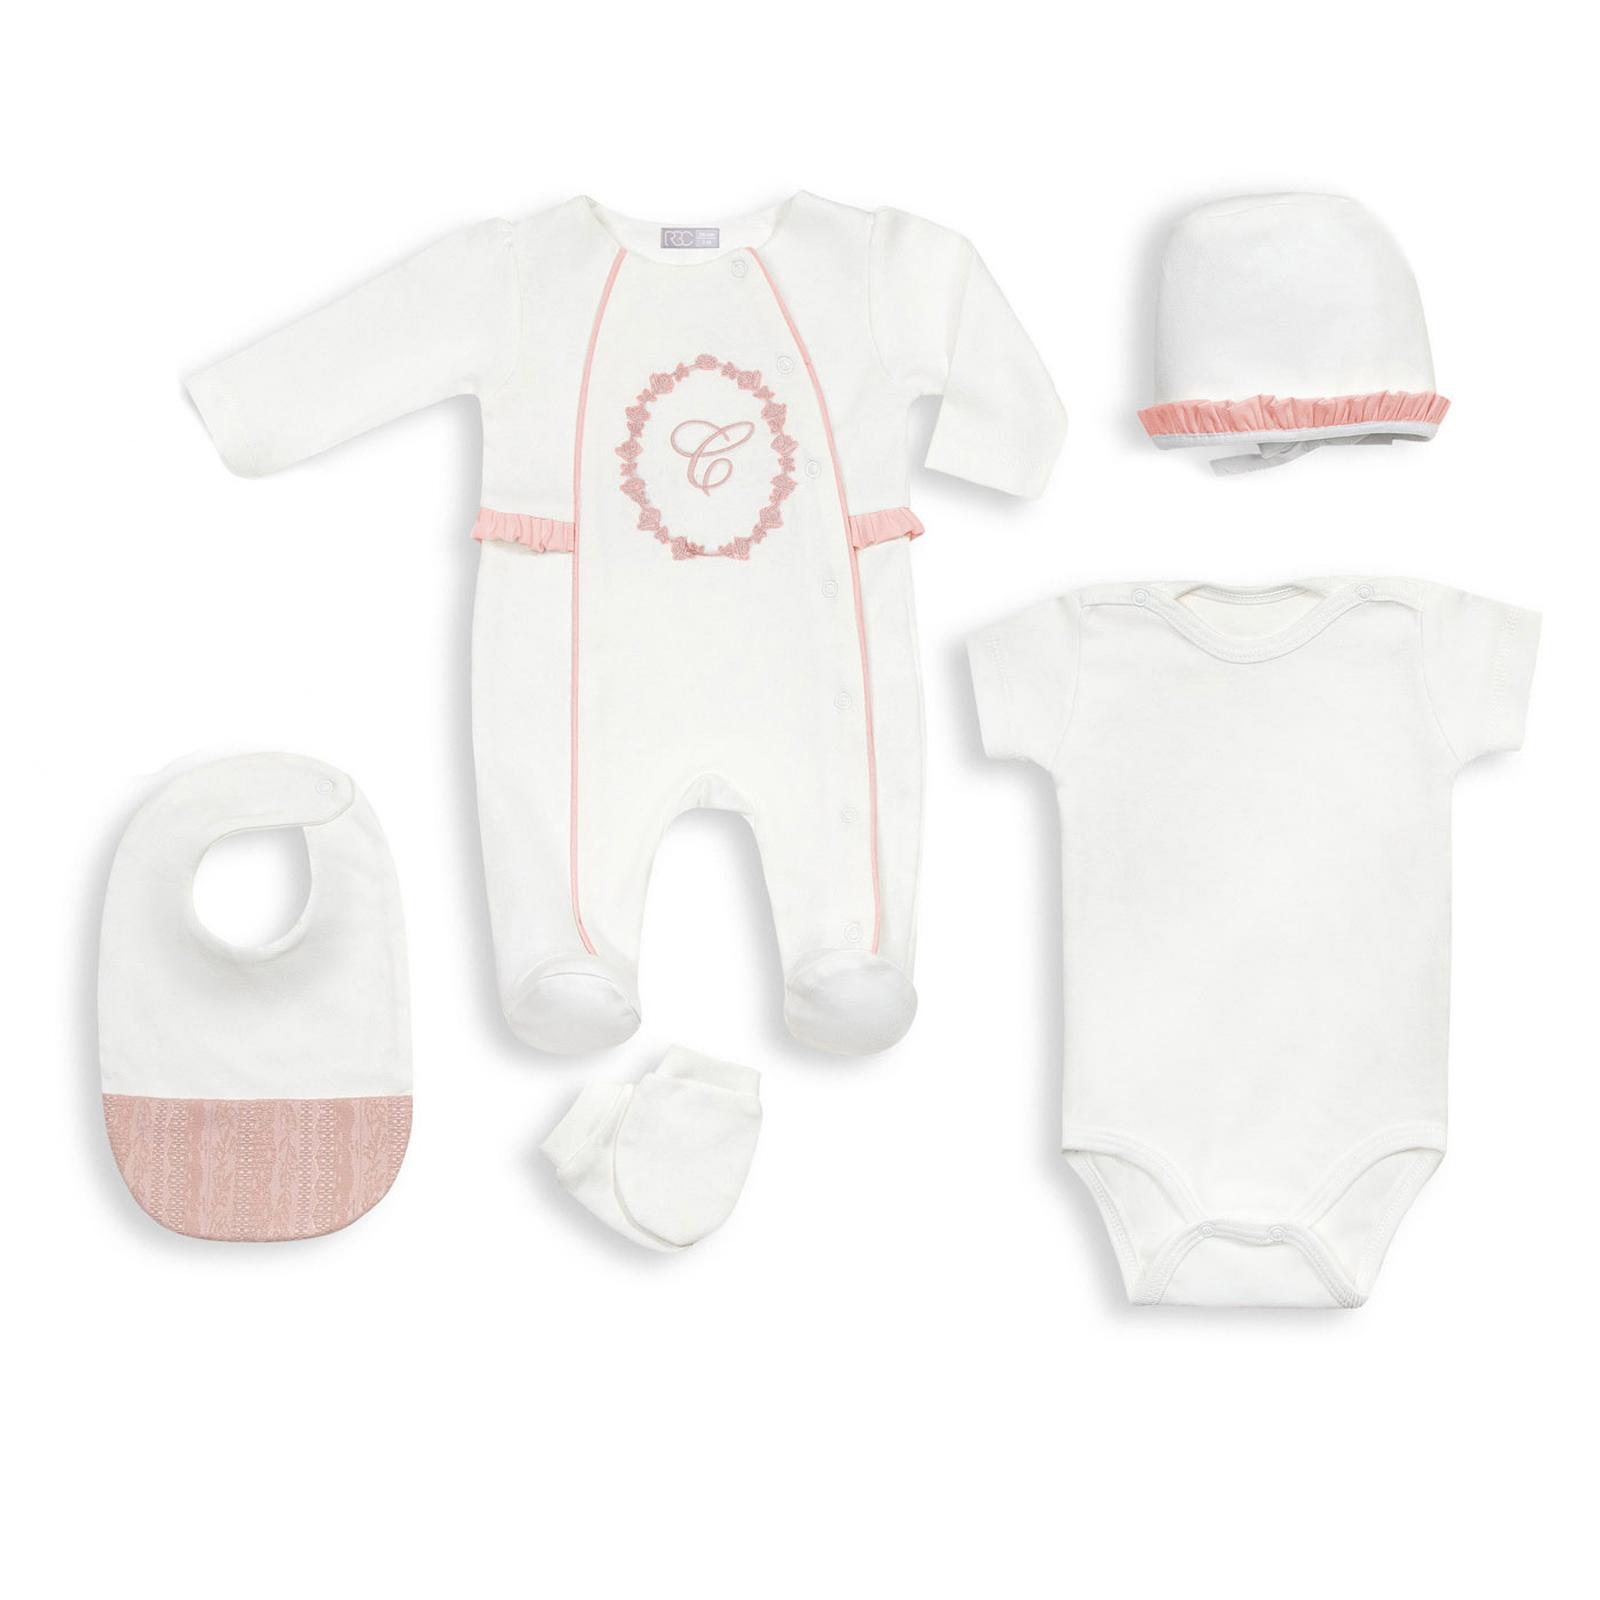 Комплект одежды для новорожденного RBC МЛ 426309 бело-розовый р.onesize